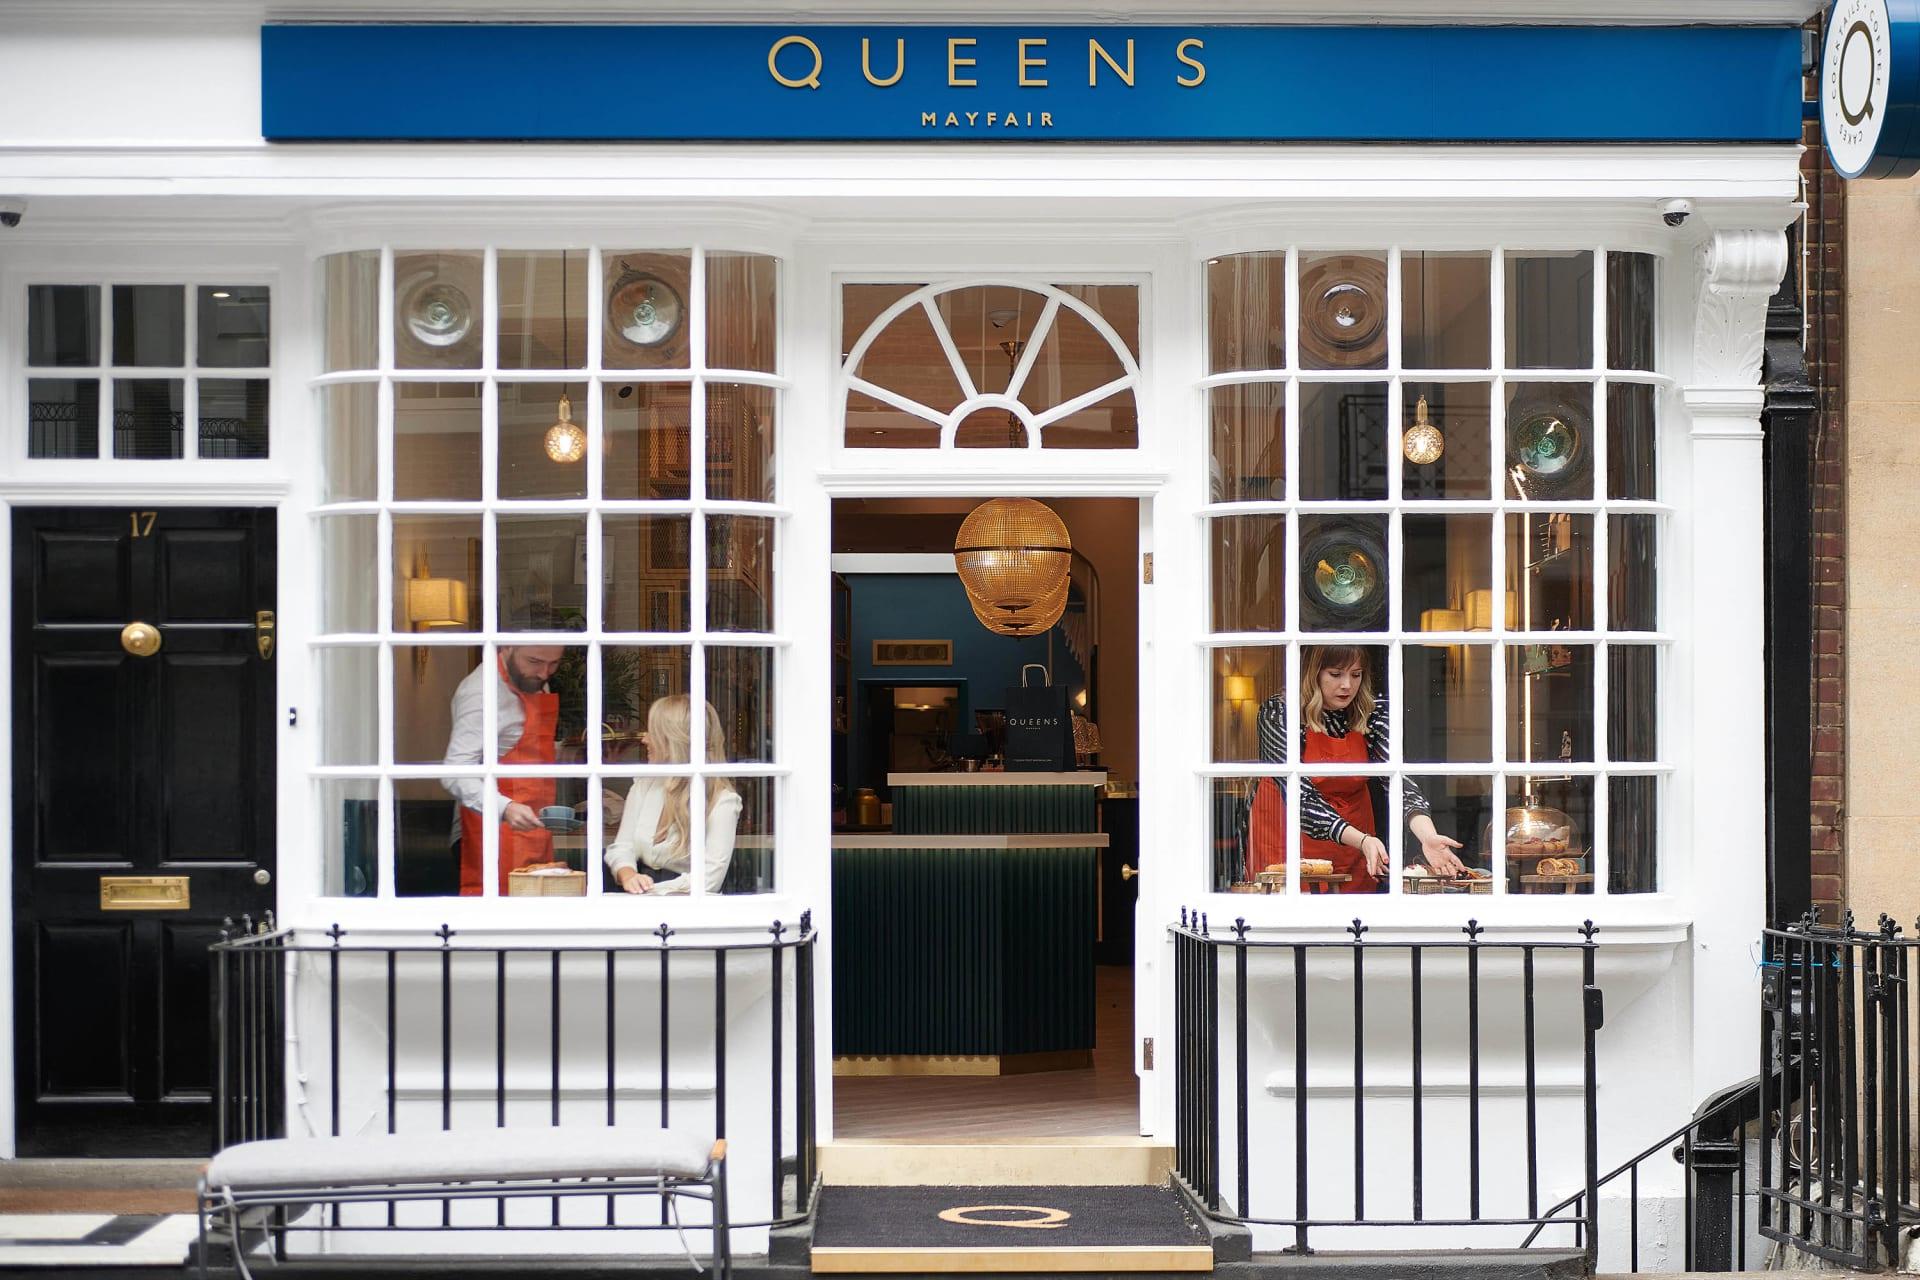 فقط للذواقة.. مقهى في لندن يقدم نوعاً فاخراً من القهوة النادرة مقابل هذا المبلغ